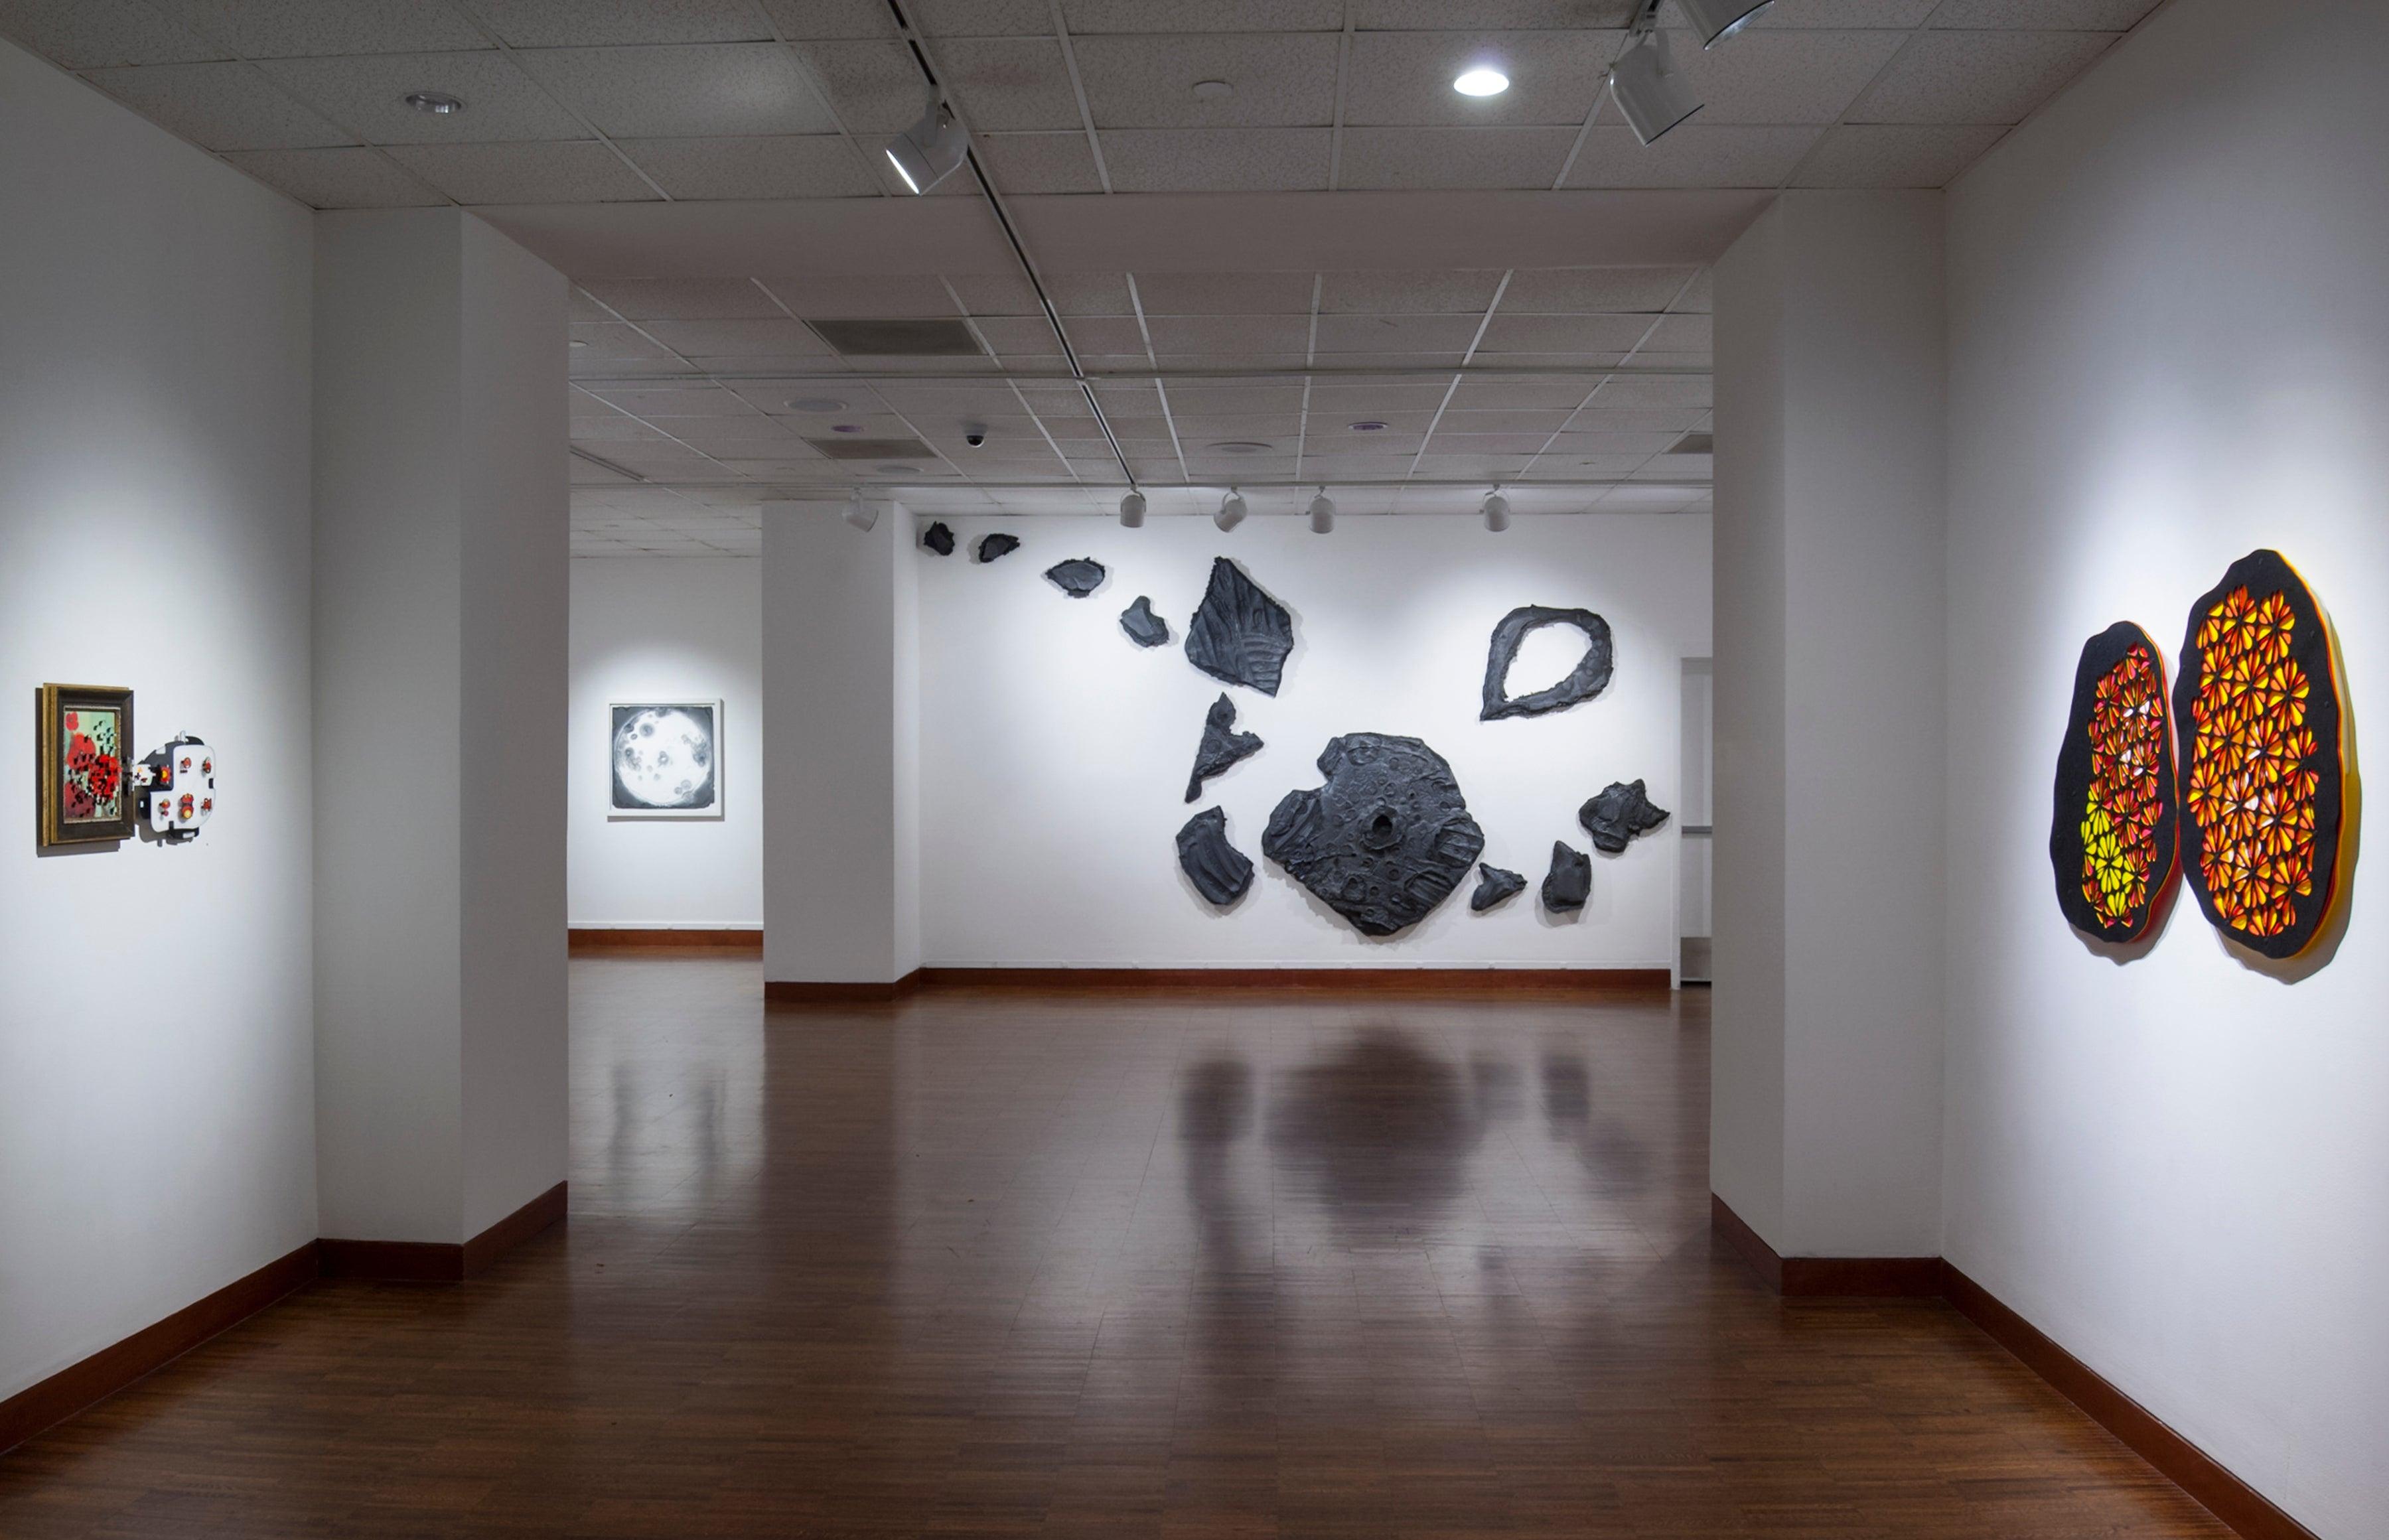 Synthetica - corridor installation view 1a.jpg